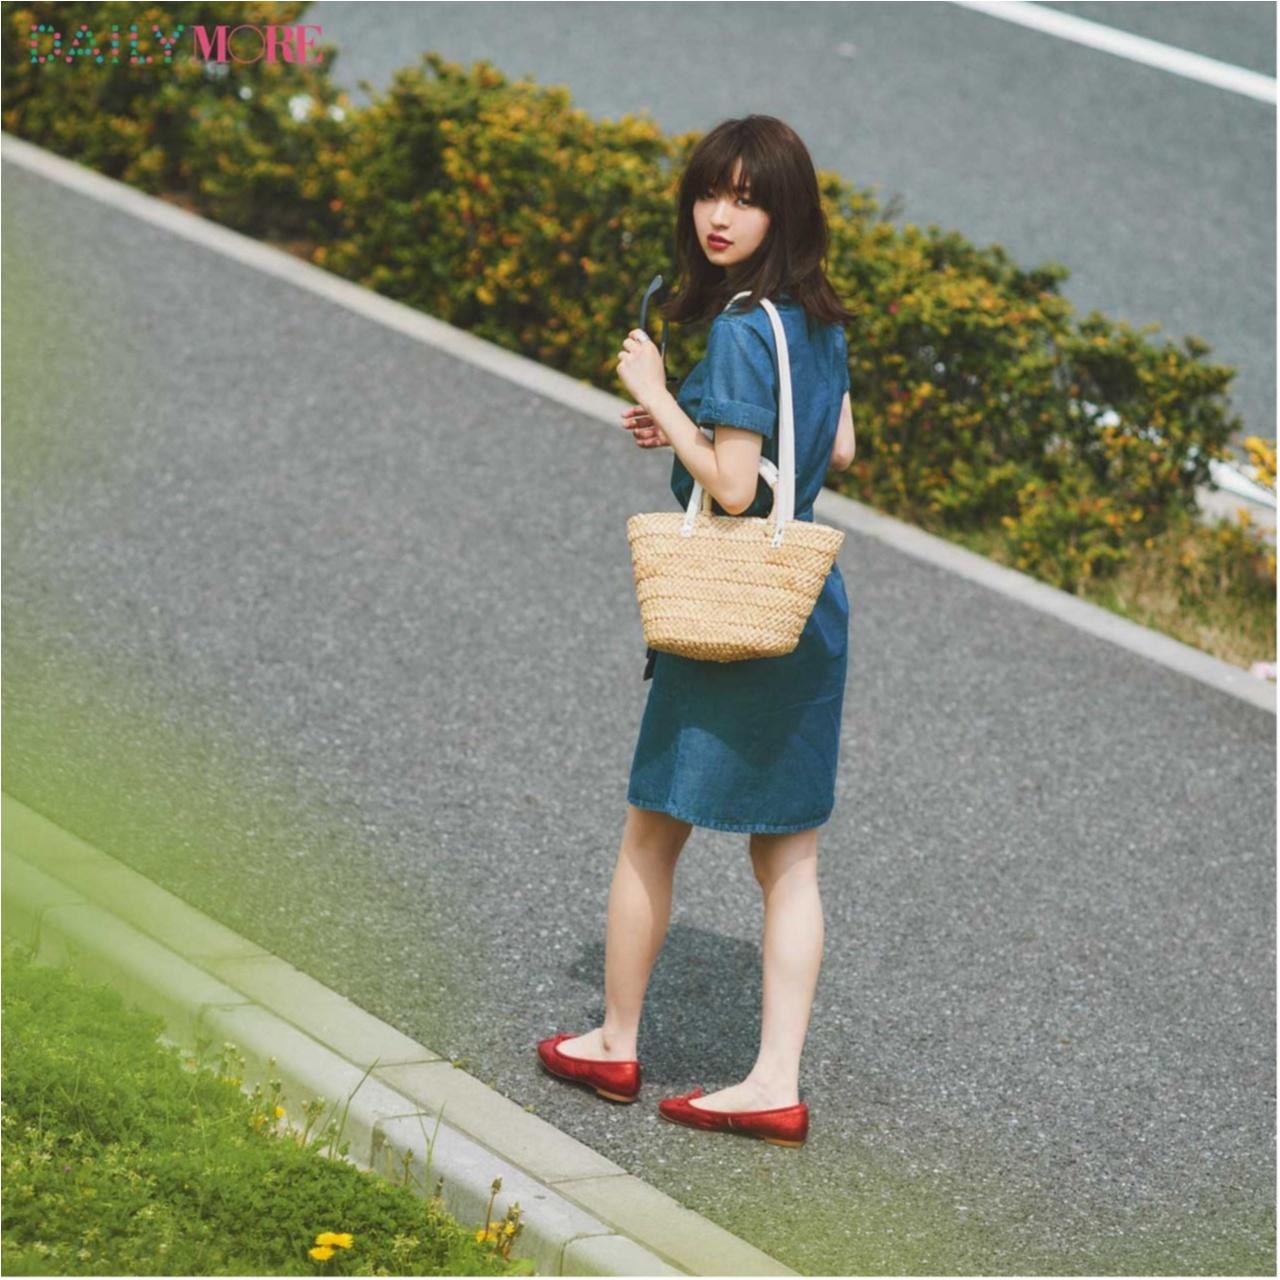 楽してかわいく夏らしく♪ 「サマードレス」コーデまとめ♡_1_4